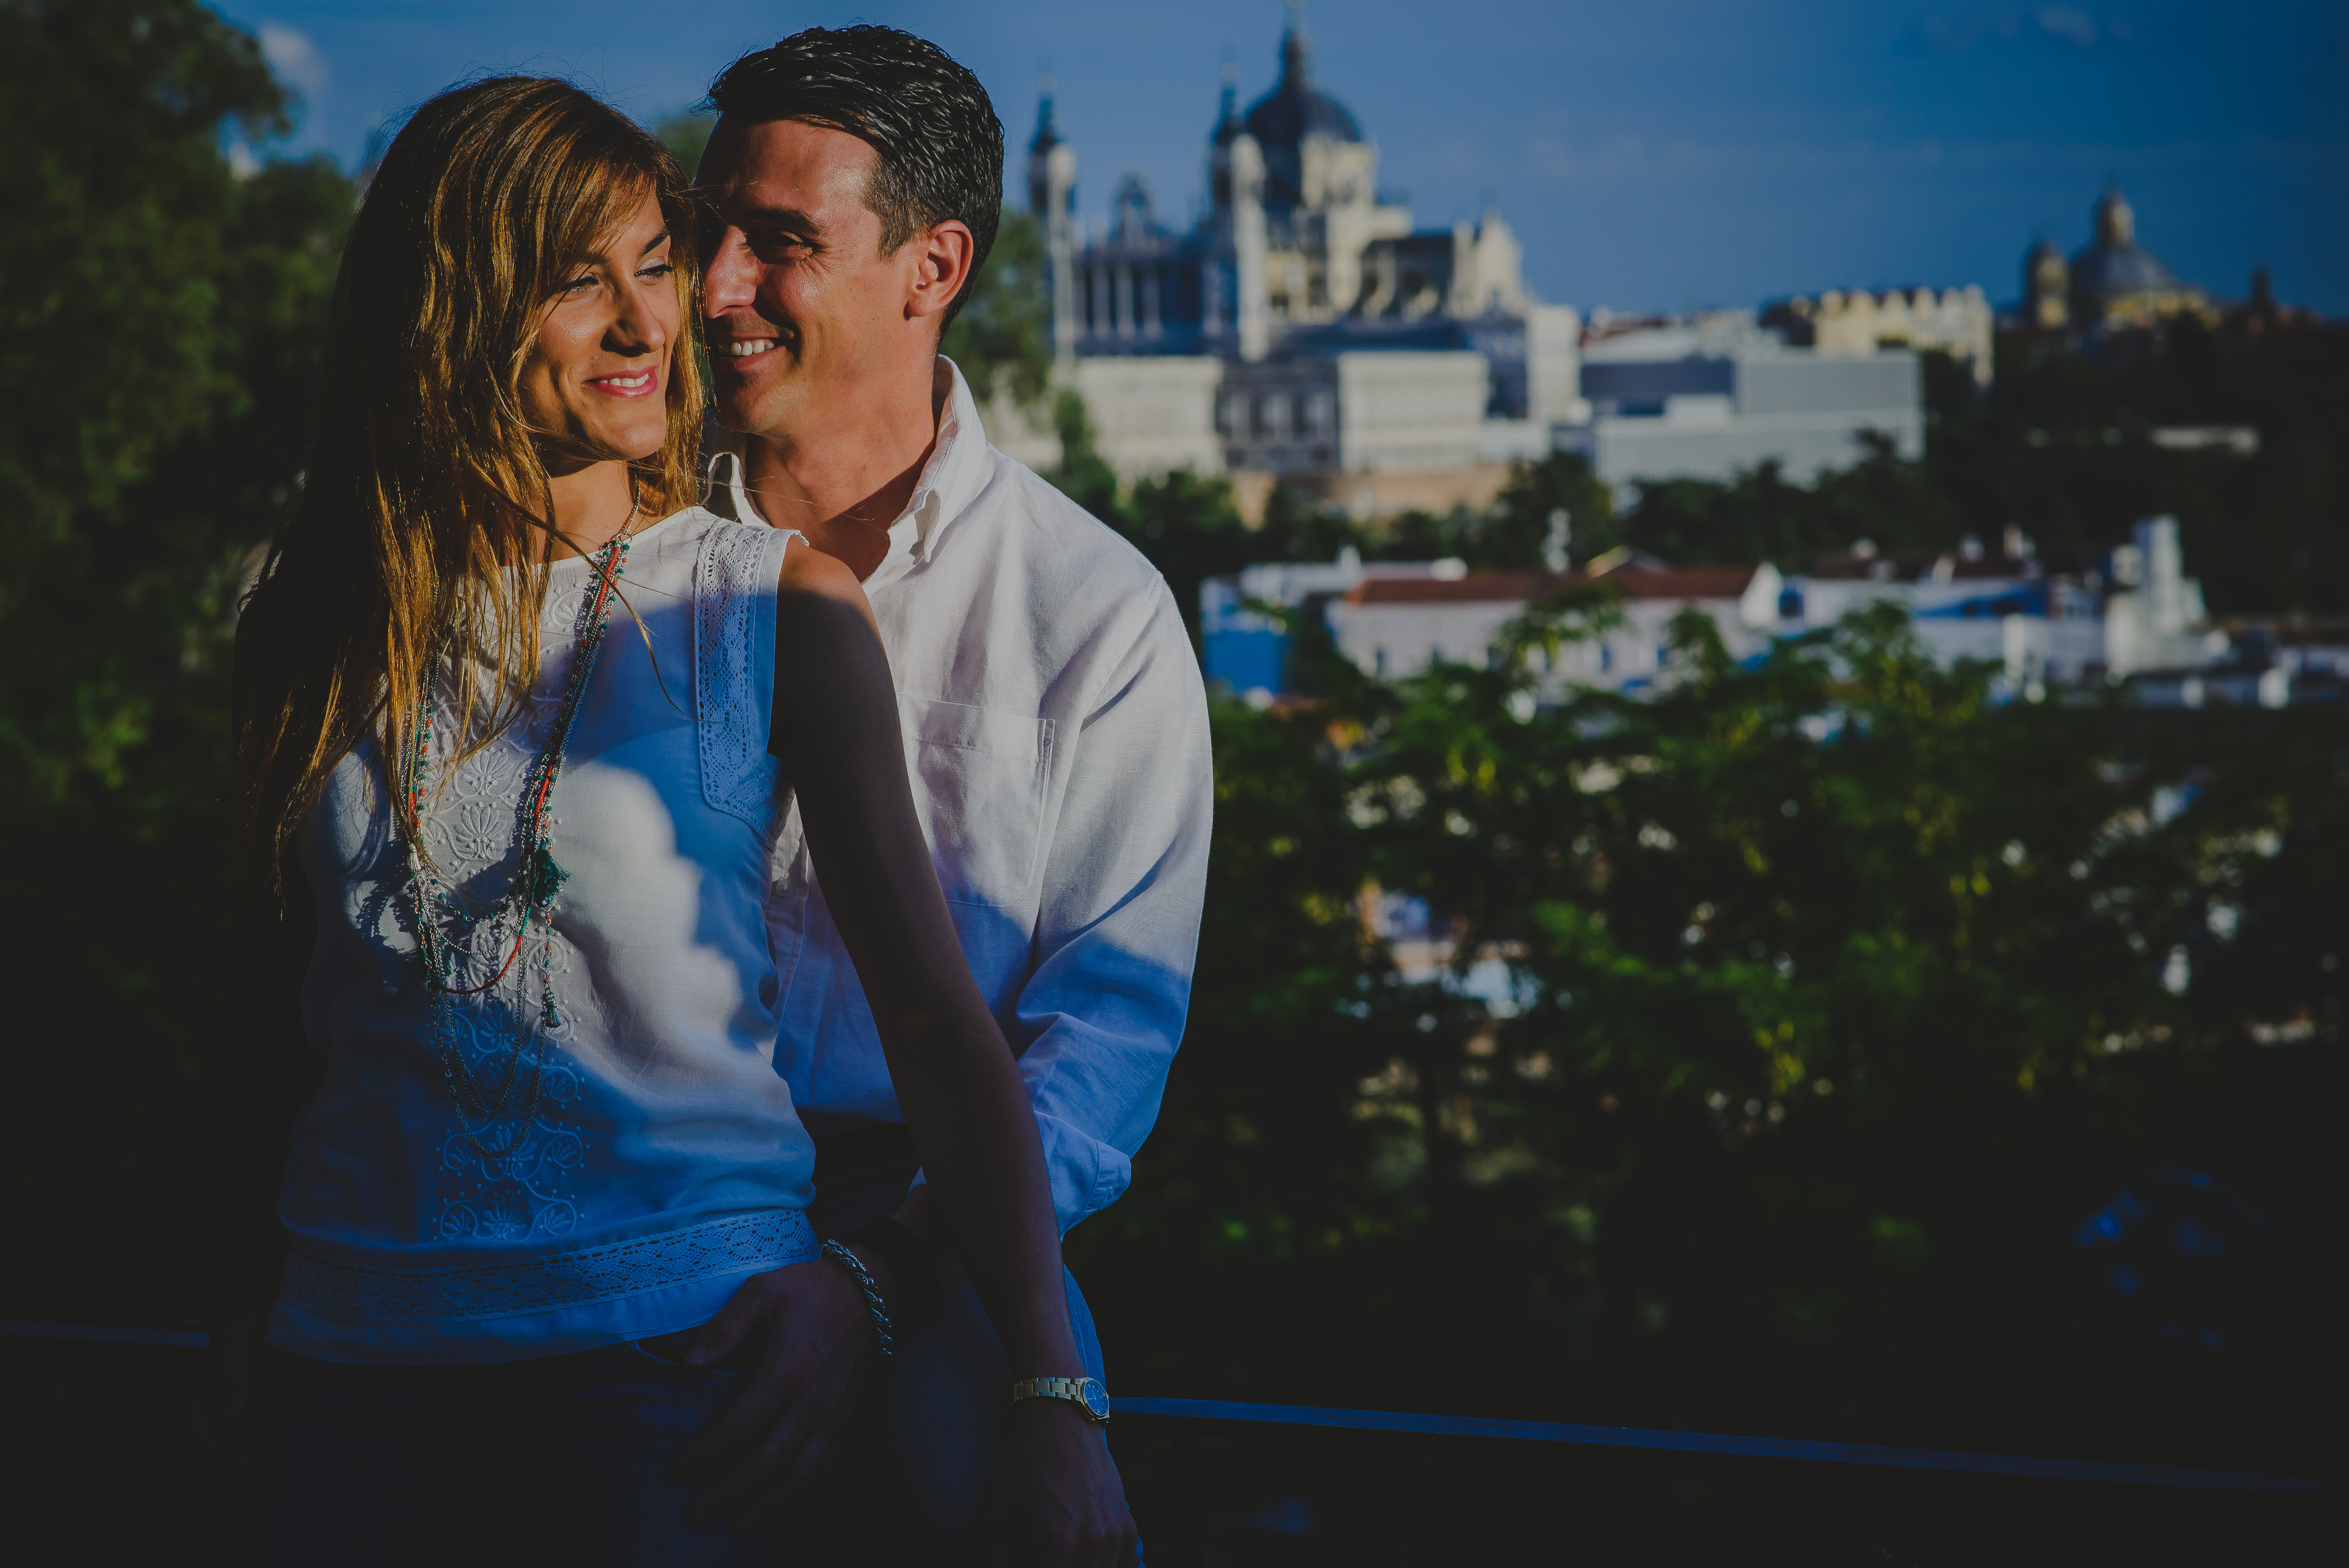 Majorca Wedding Photography - Mallorcahochzeiten Fotografie - Anabel Vargas Photography - Bodas en Mallorca2